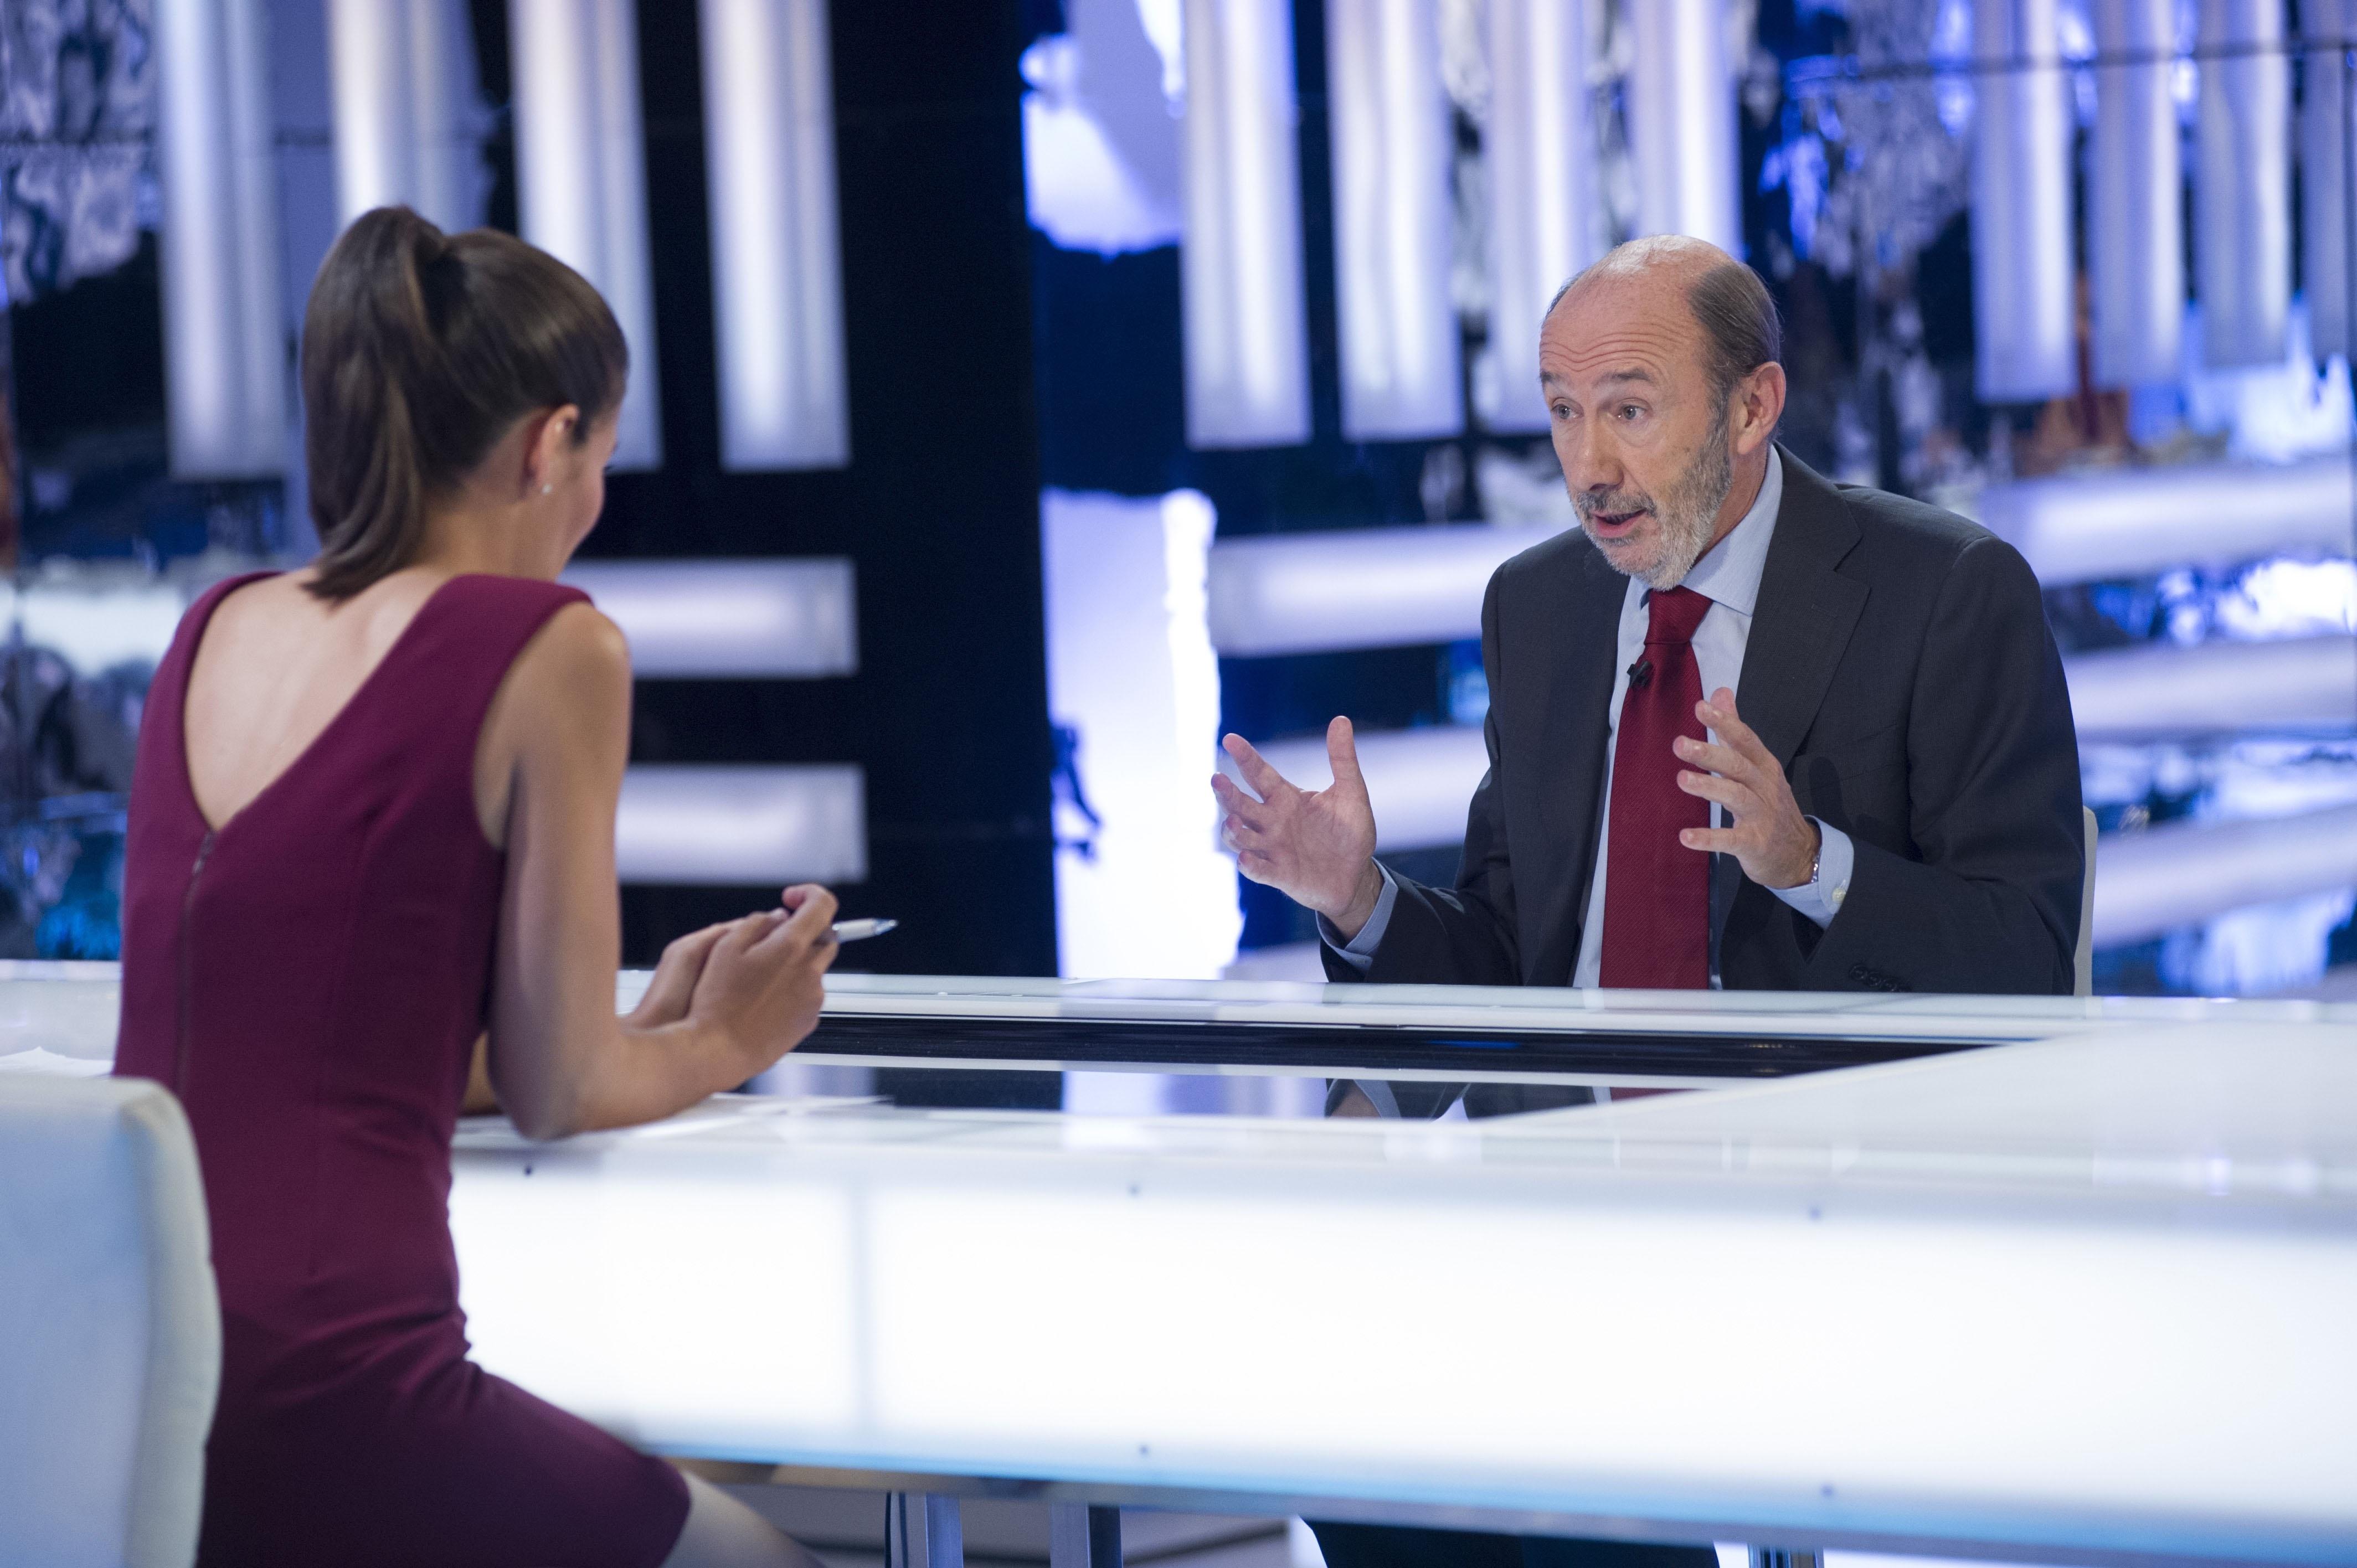 Rubalcaba entiende el debate sobre la abdicación del Rey, pero confía en la decisión que él tome